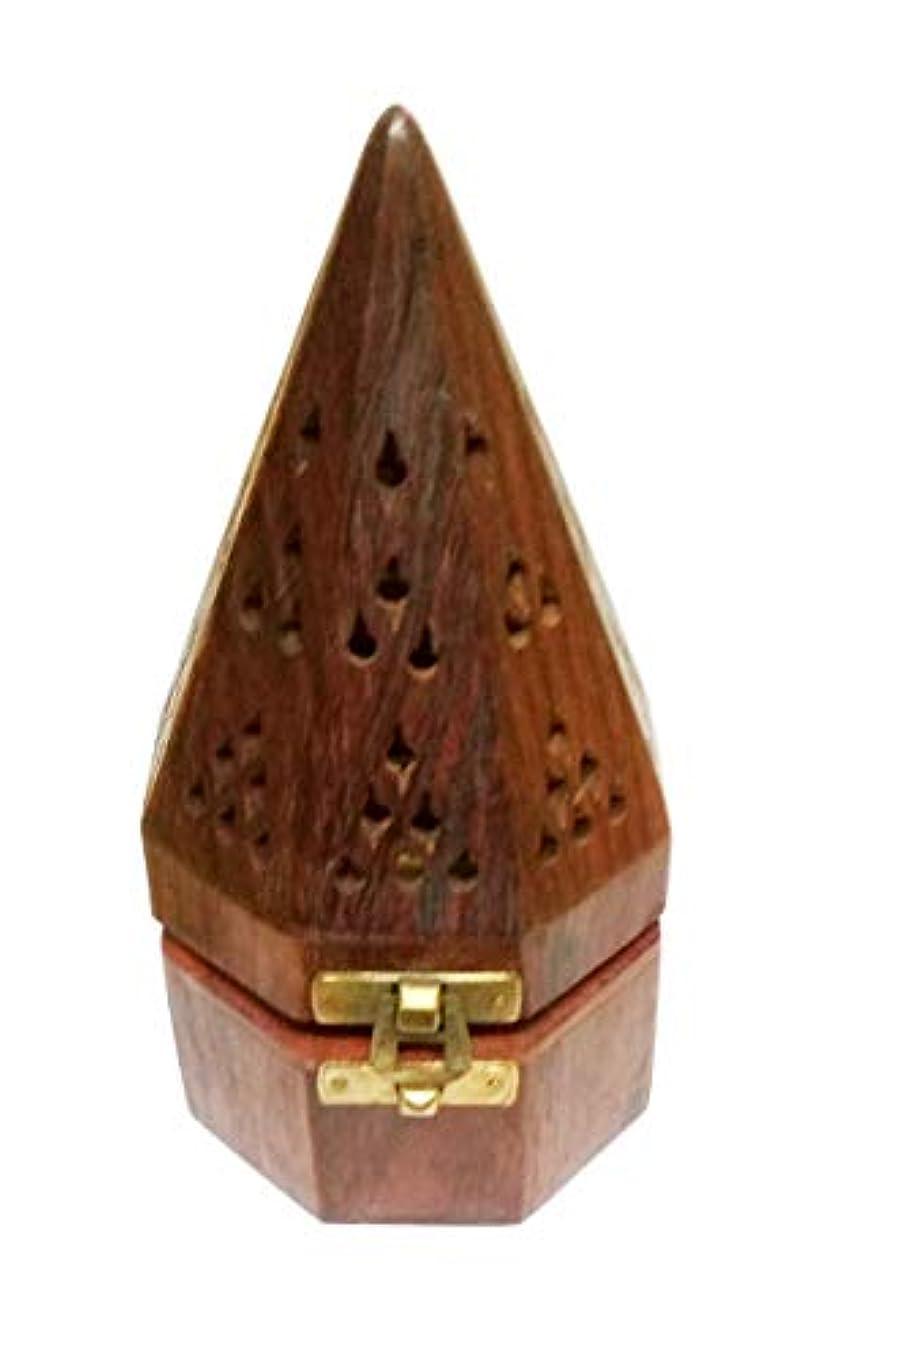 カカドゥ生産性ジュラシックパークSahishnu オンライン&マーケティング 木製テンプルスタイル フープホルダー お香ホルダー